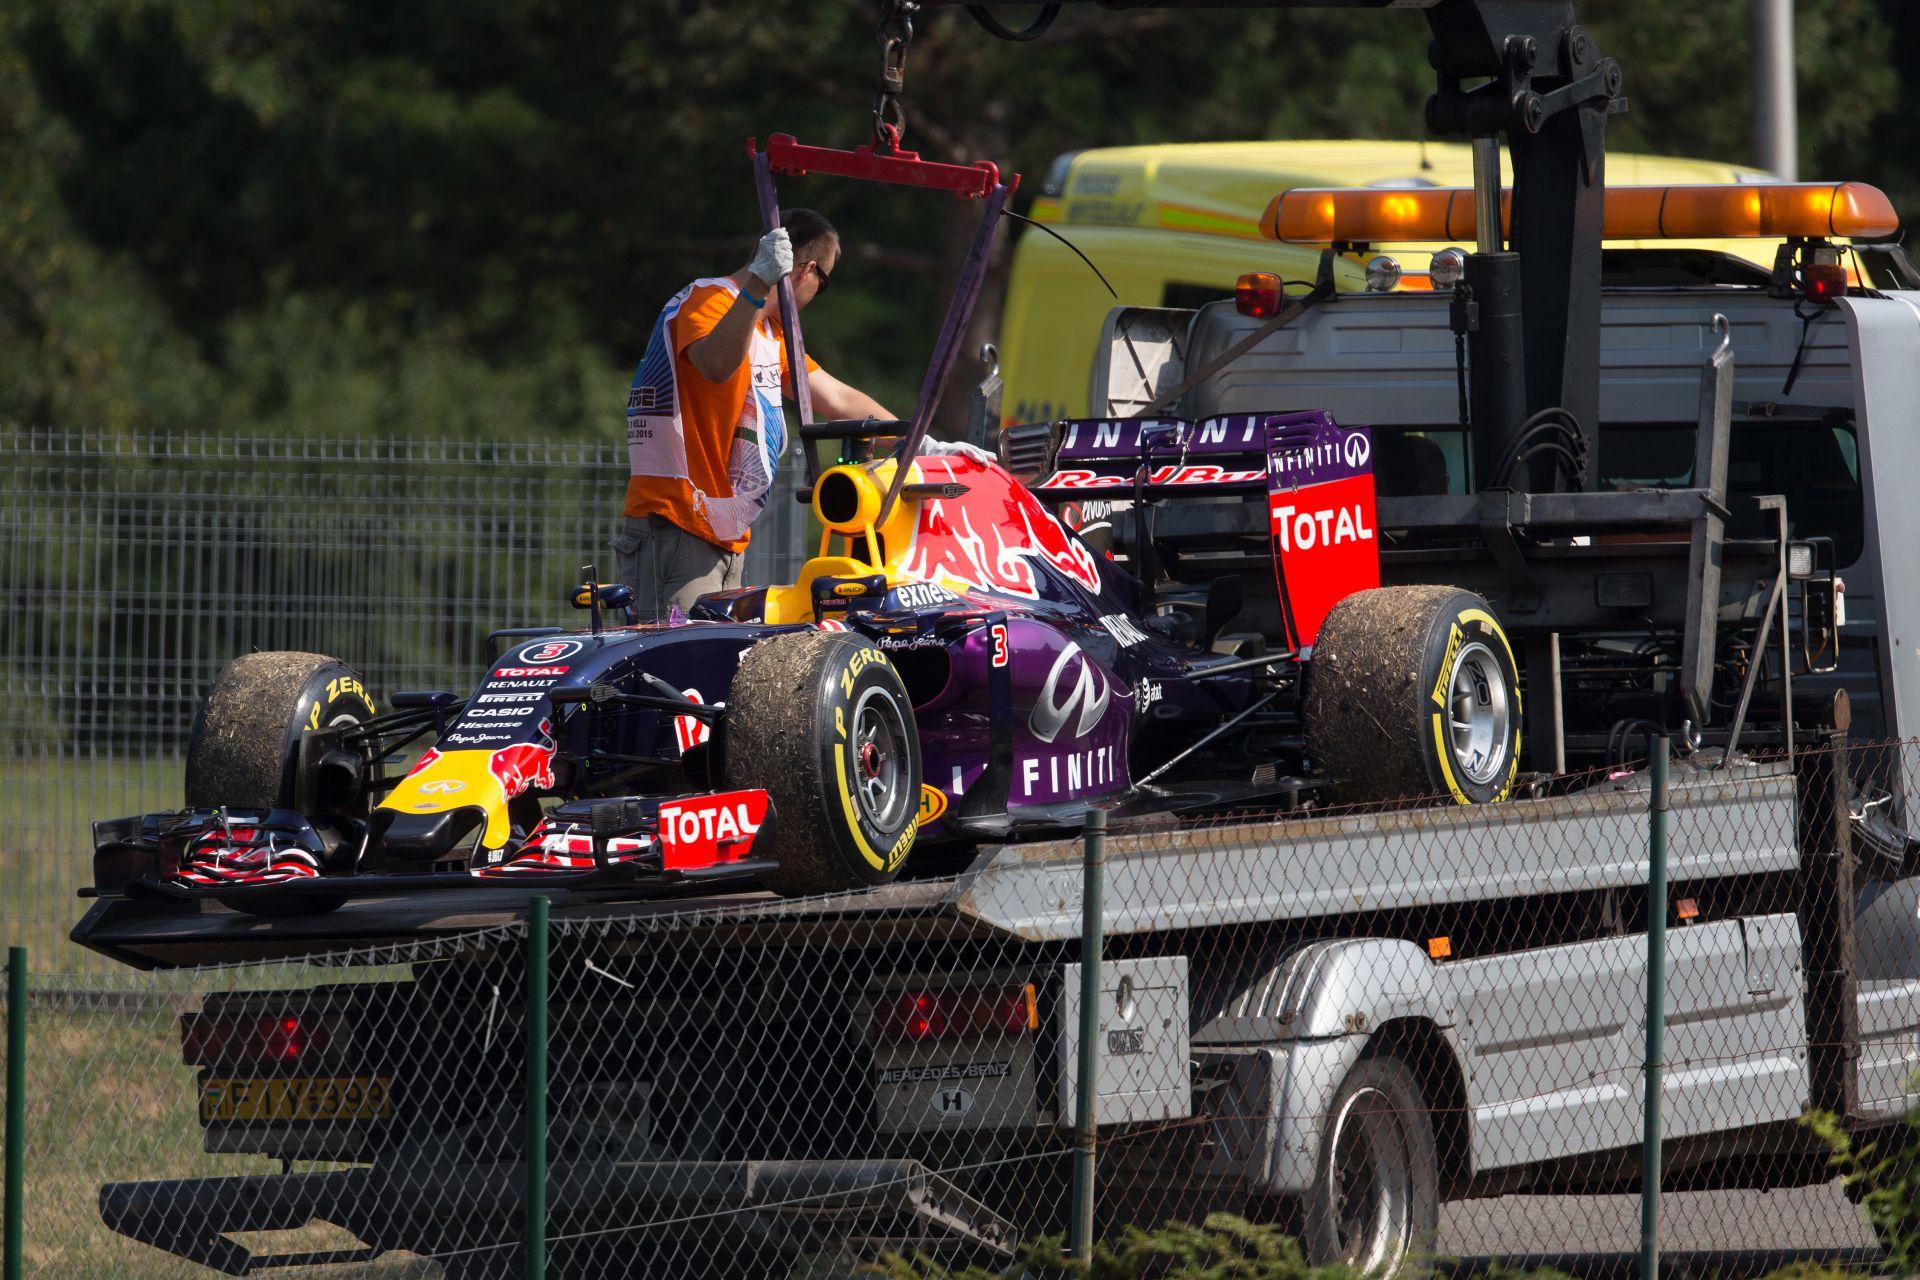 A Red Bull és a Toro Rosso is kiszállhat az F1-ből az év végén: plusz a Renault is kihúzhatja a dugót